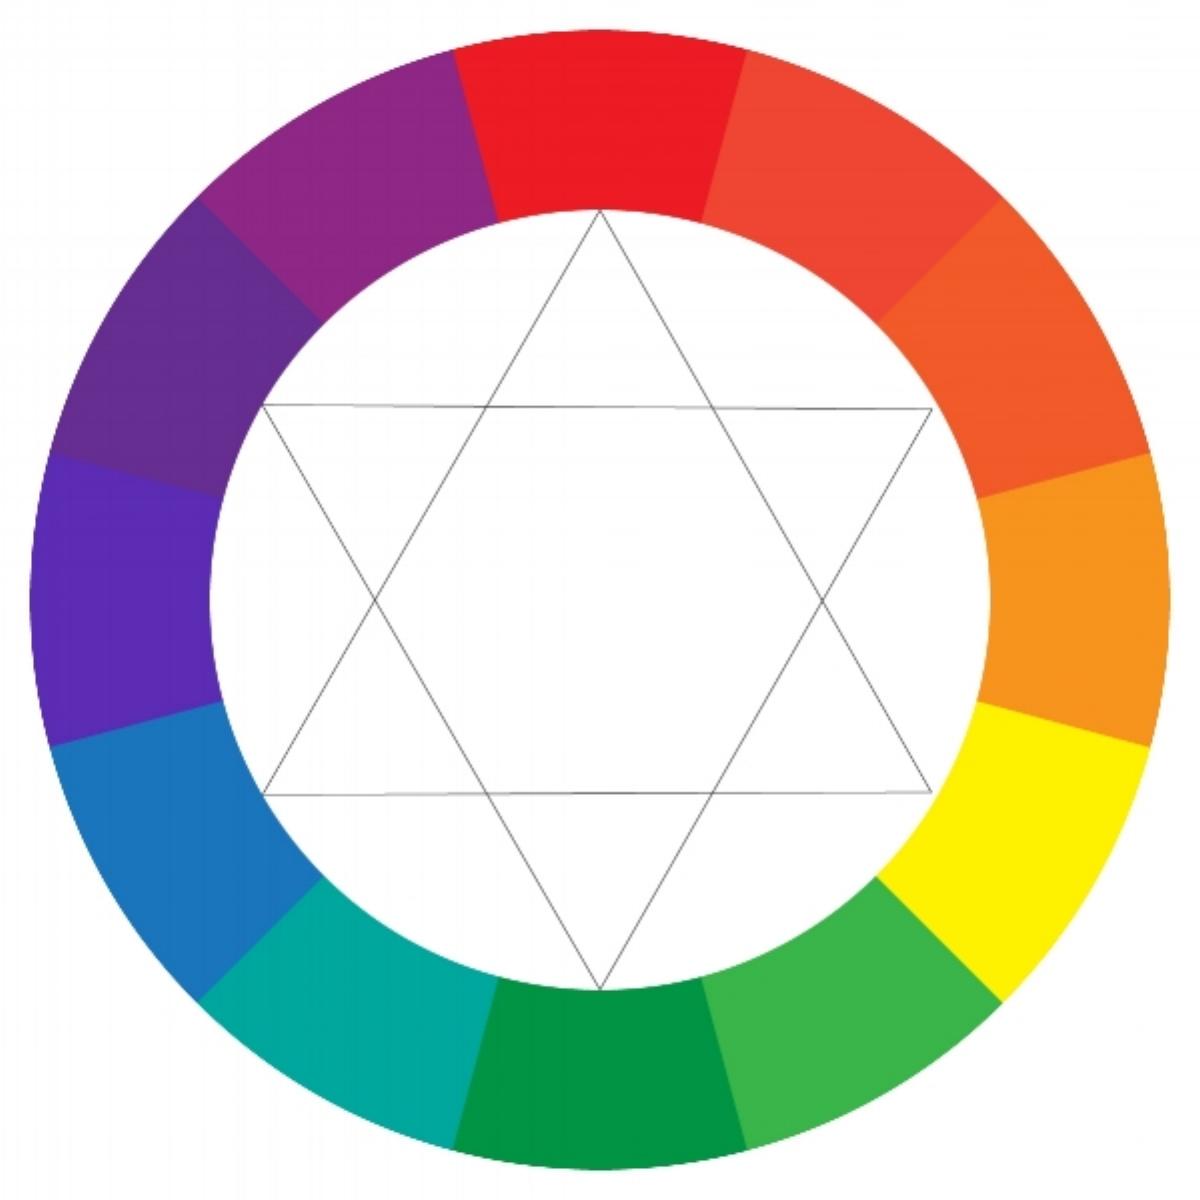 colorwheel.jpg